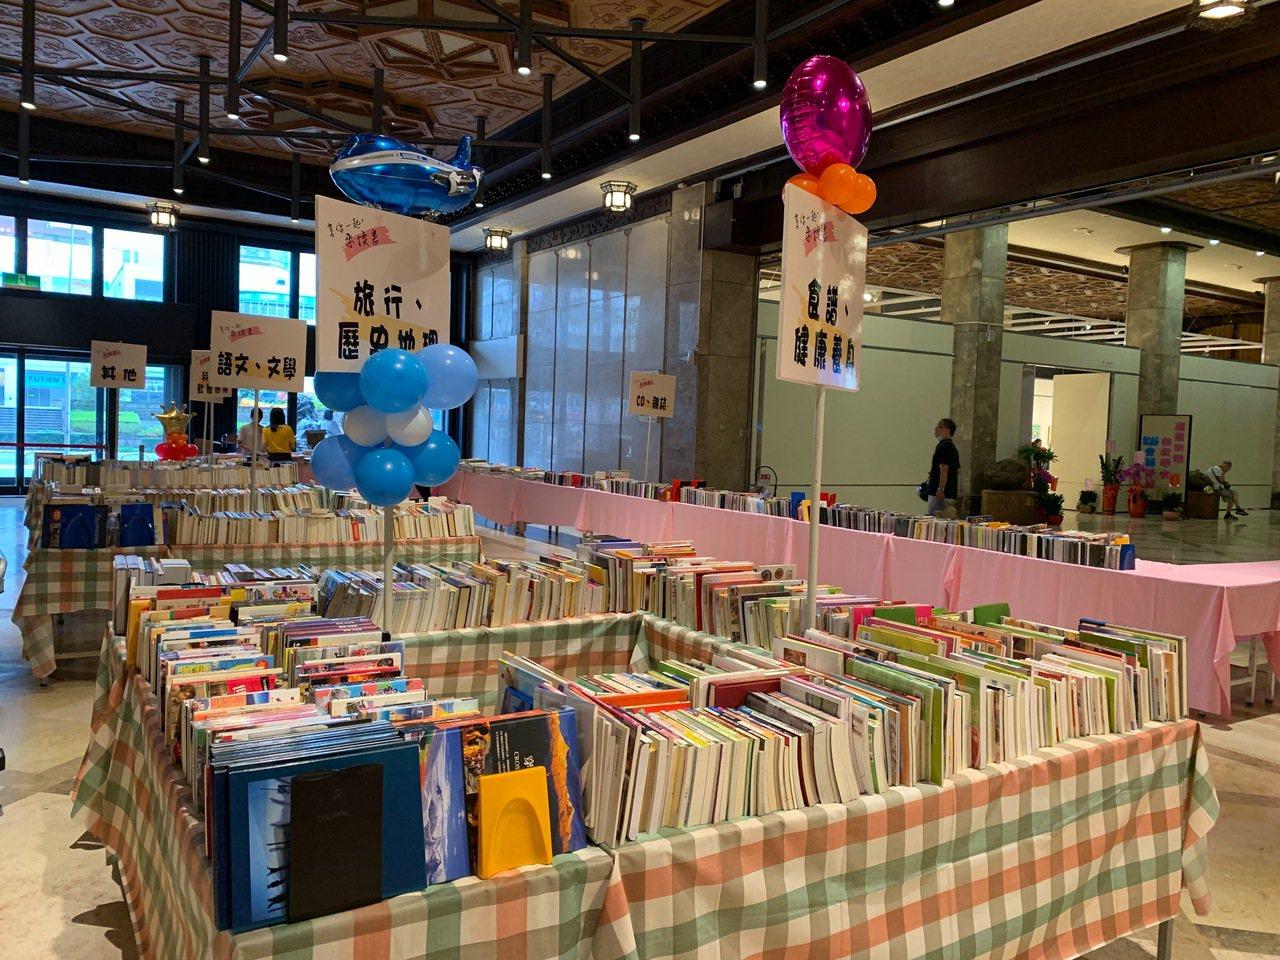 基隆市政府明天上午在在文化中心辦「好書交換活動」,民眾可拿家中的二手書兌換換書卡...